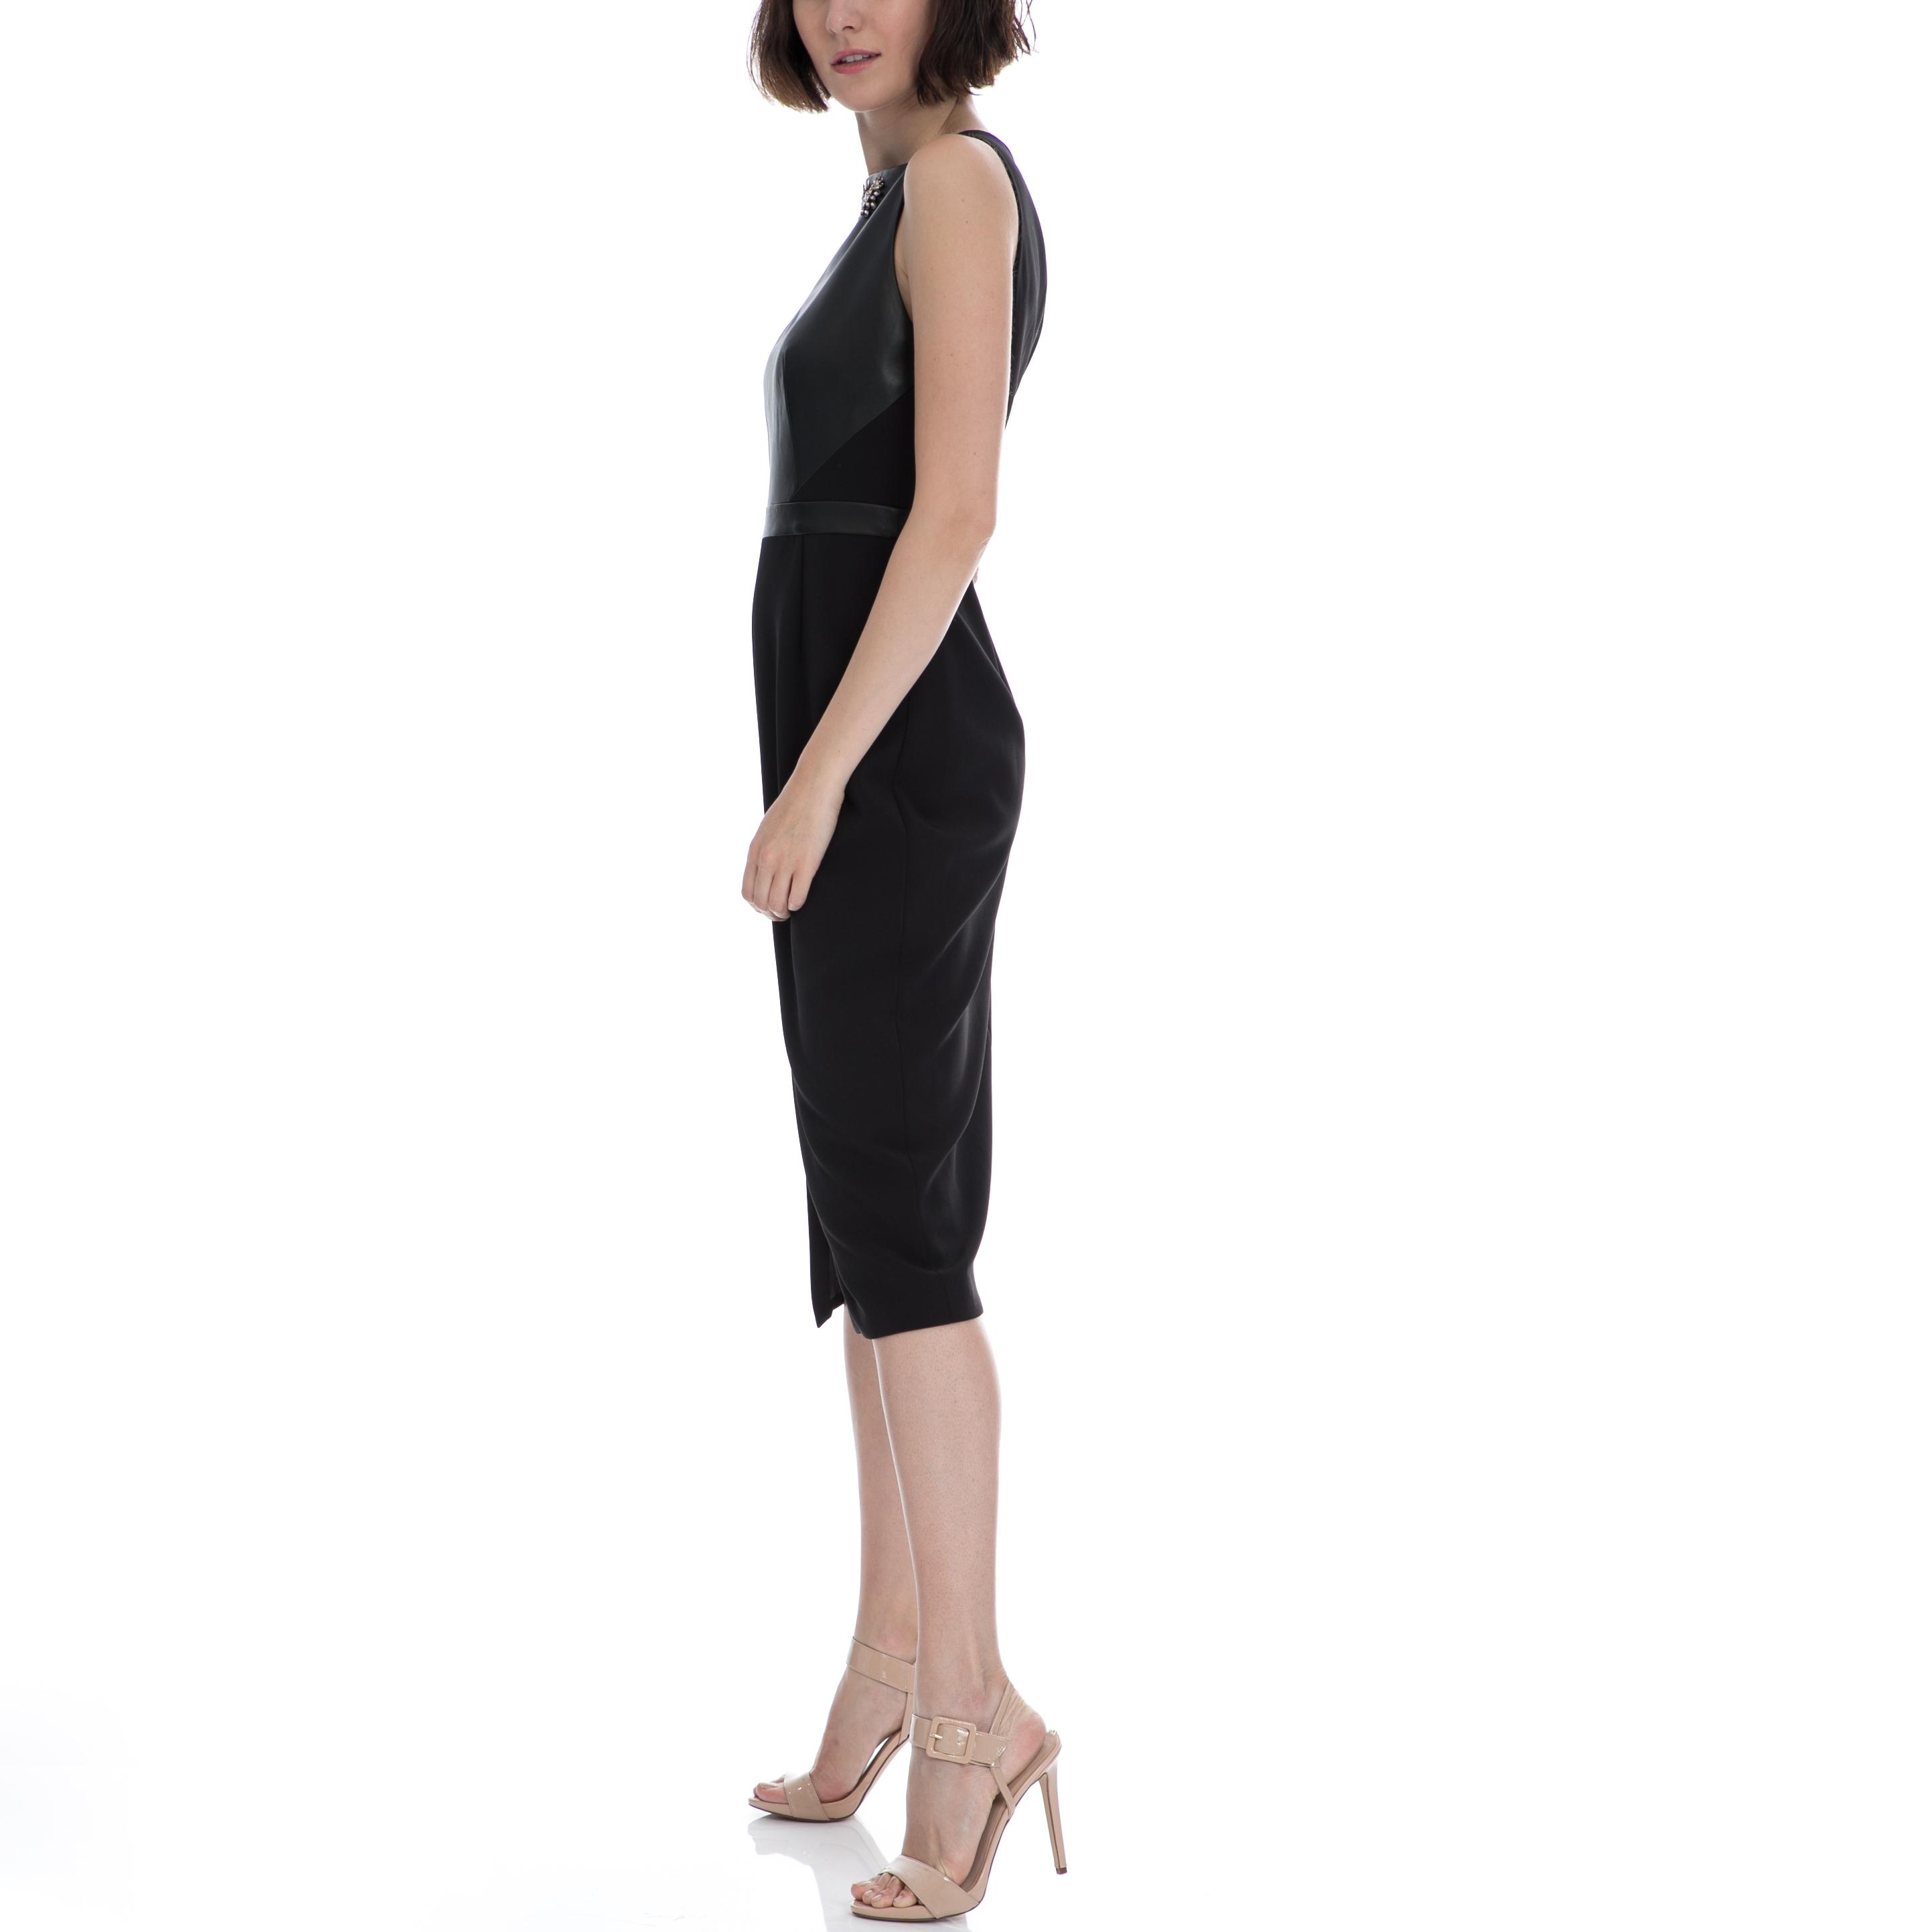 TED BAKER - Μίντι φορεμα TED BAKER KIMLA μαύρο 5a414da5cb6